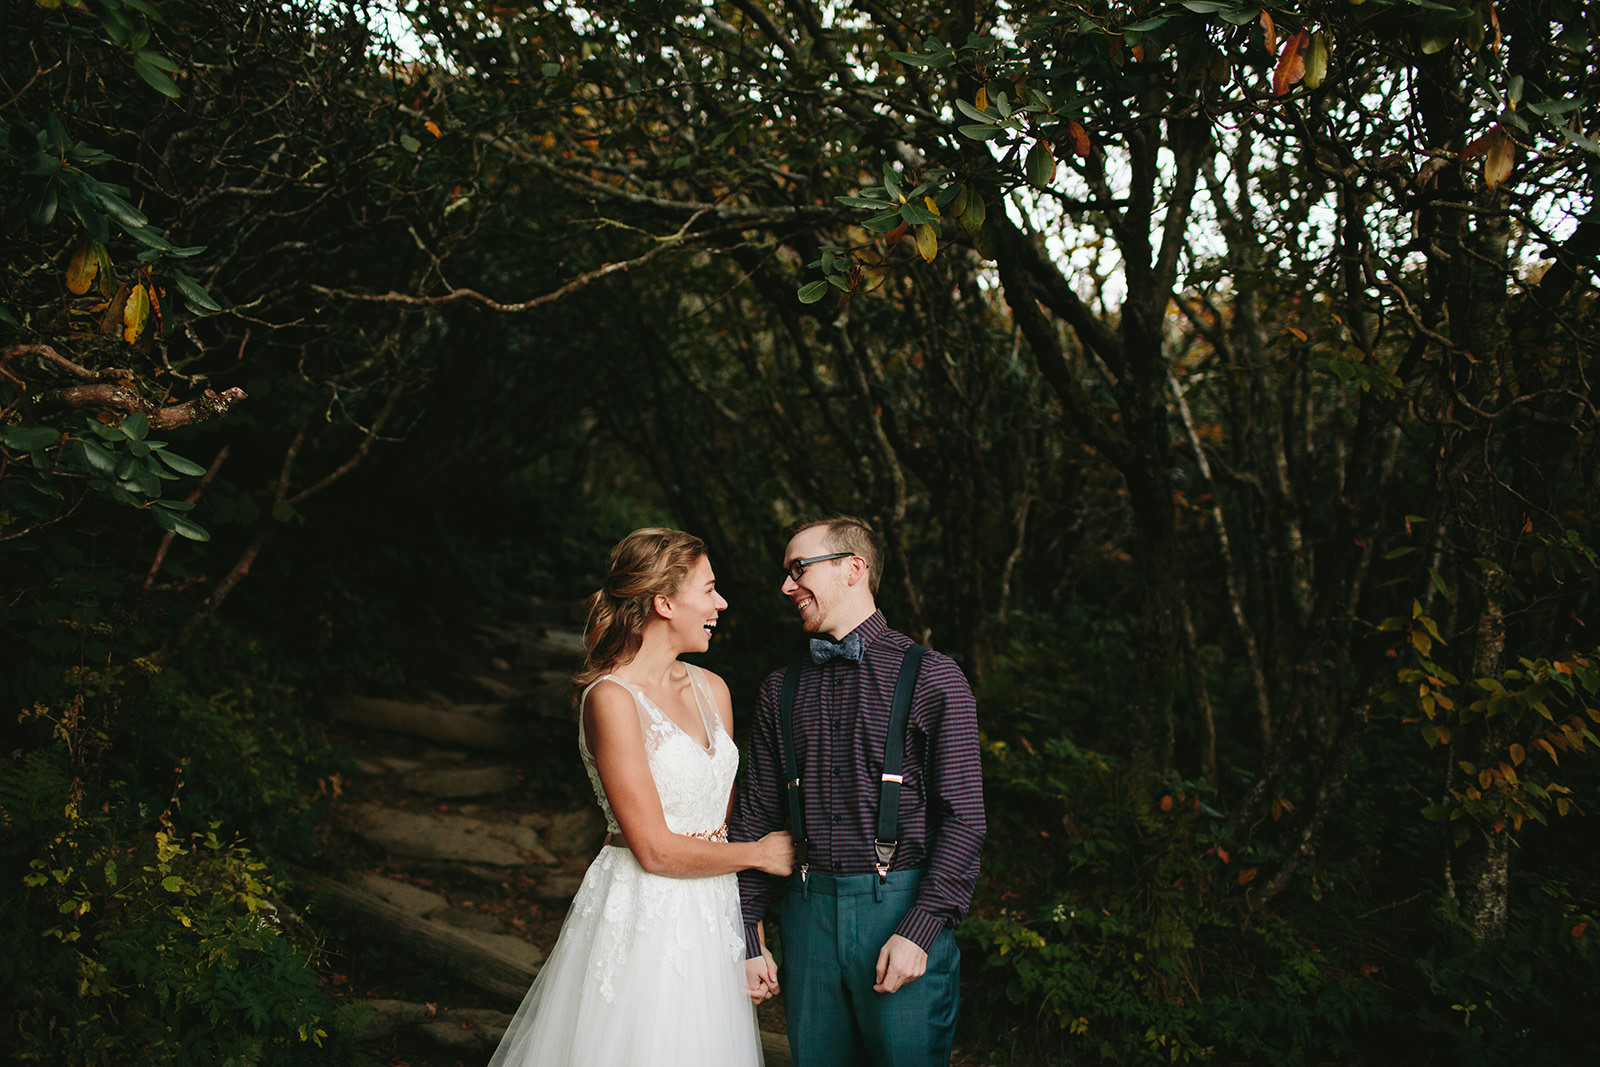 craggy gardens elopement photos